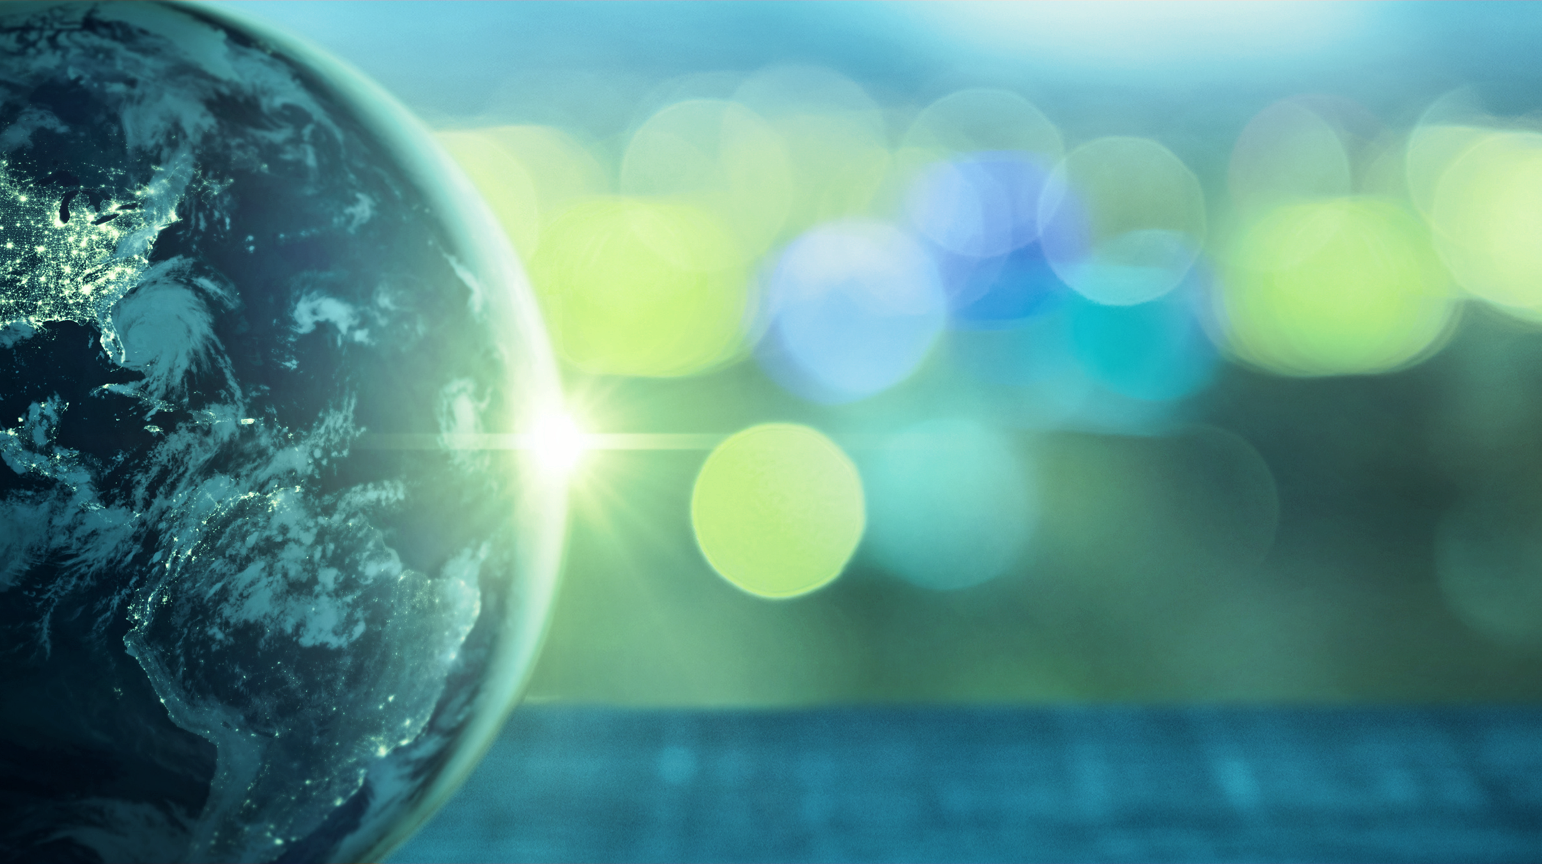 La Finance Ethique : Un nouveau souffle pour l'économie mondiale? Avec Anass Patel et Ibrahim Cekici